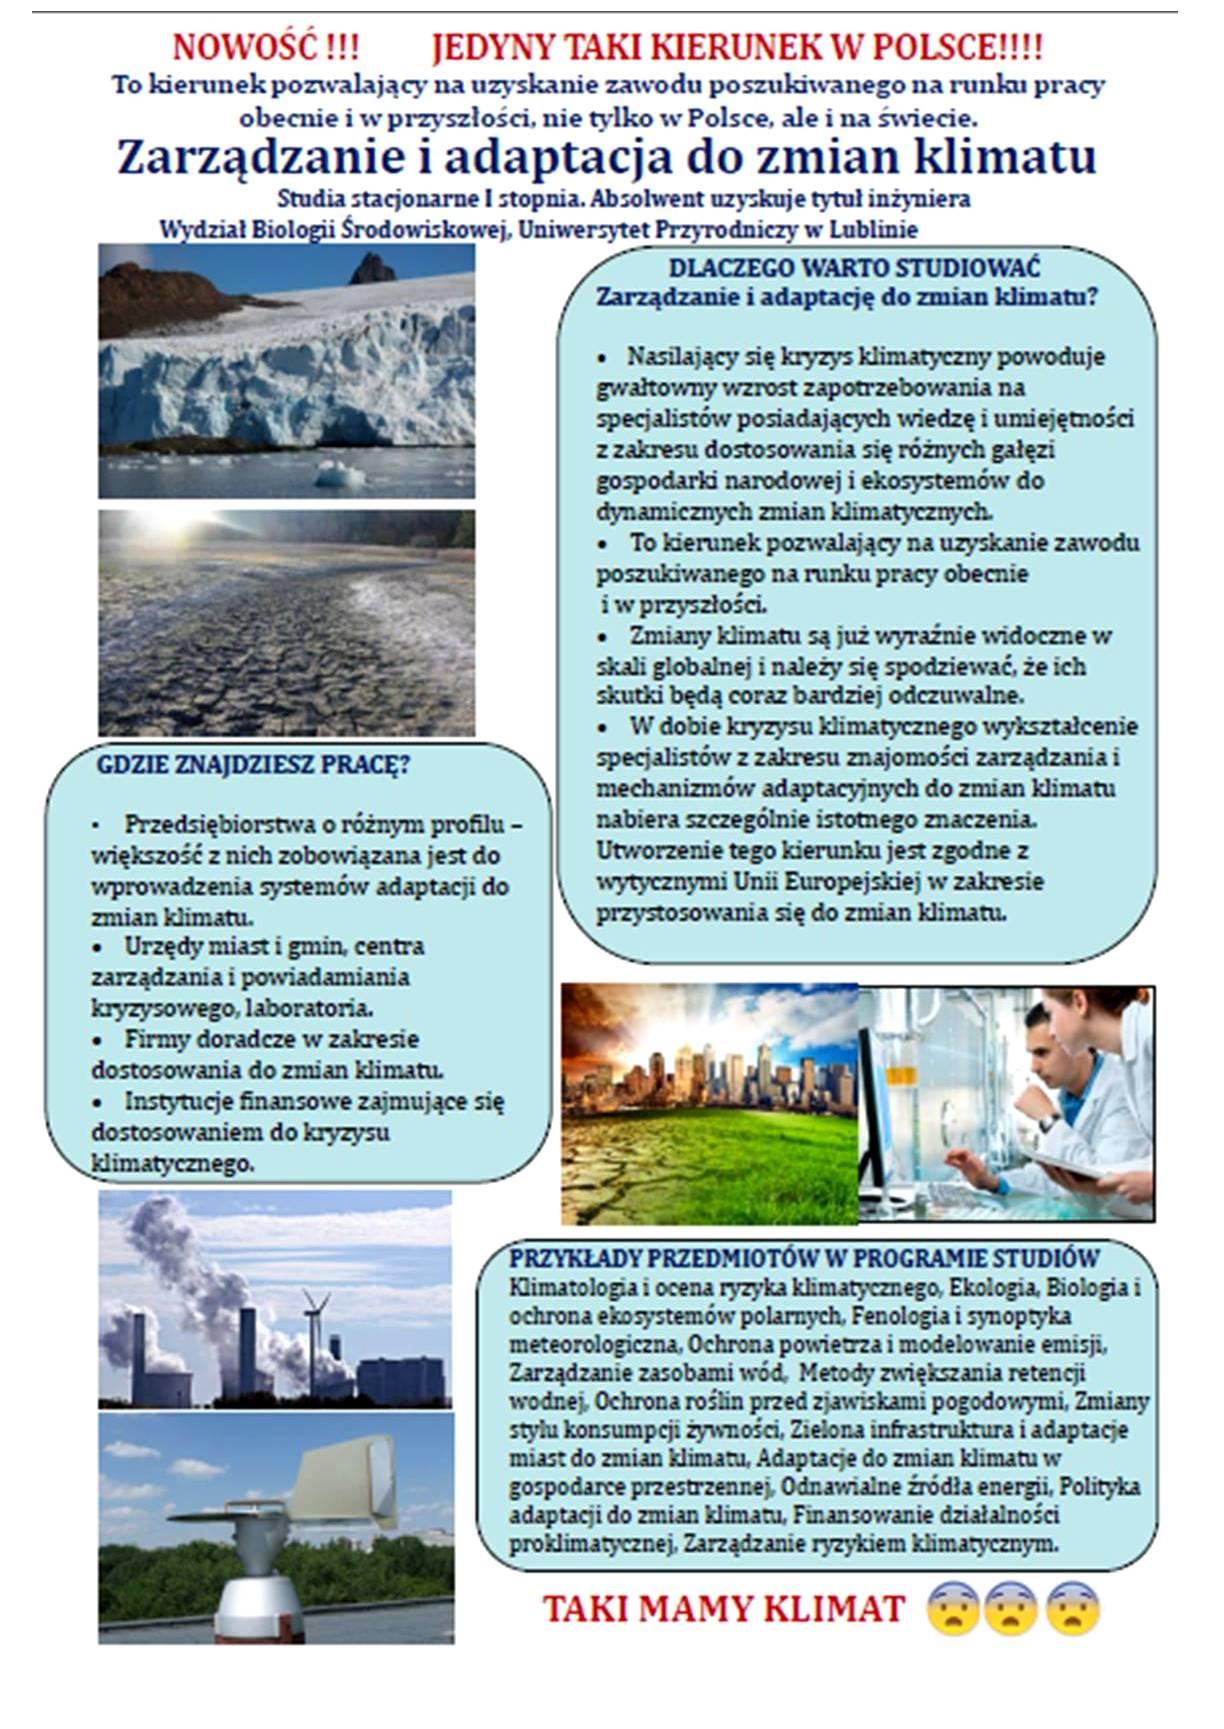 https://up.lublin.pl/files/srodowiskowa/Inne/zarzadzanie_i_adaptacje_do_zmian_klimatu.jpg